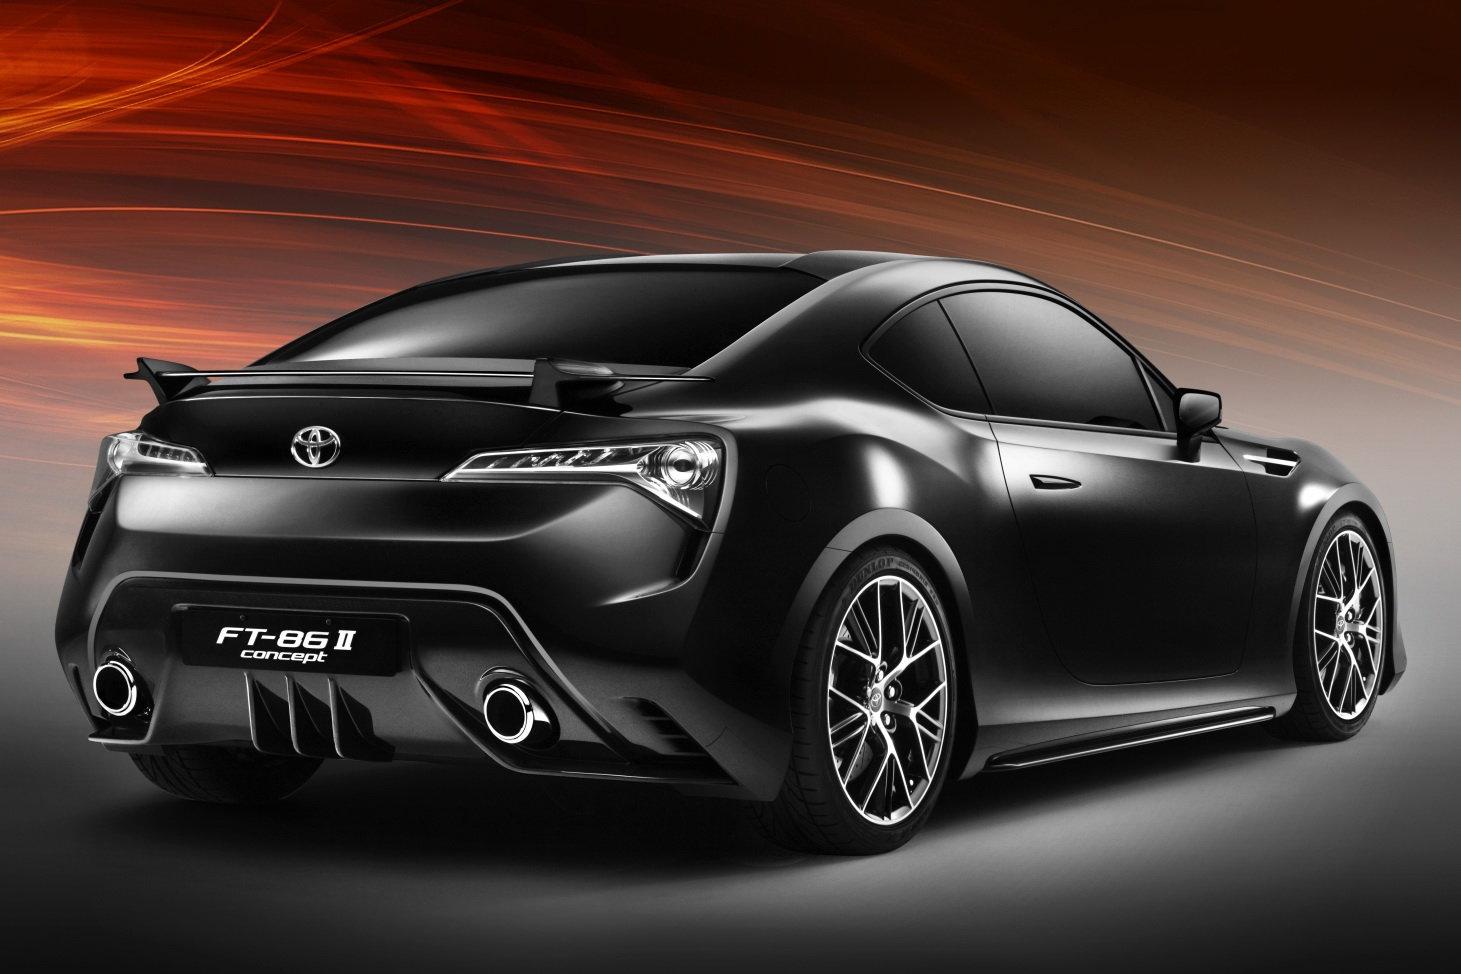 Nuova Toyota Celica in arrivo?